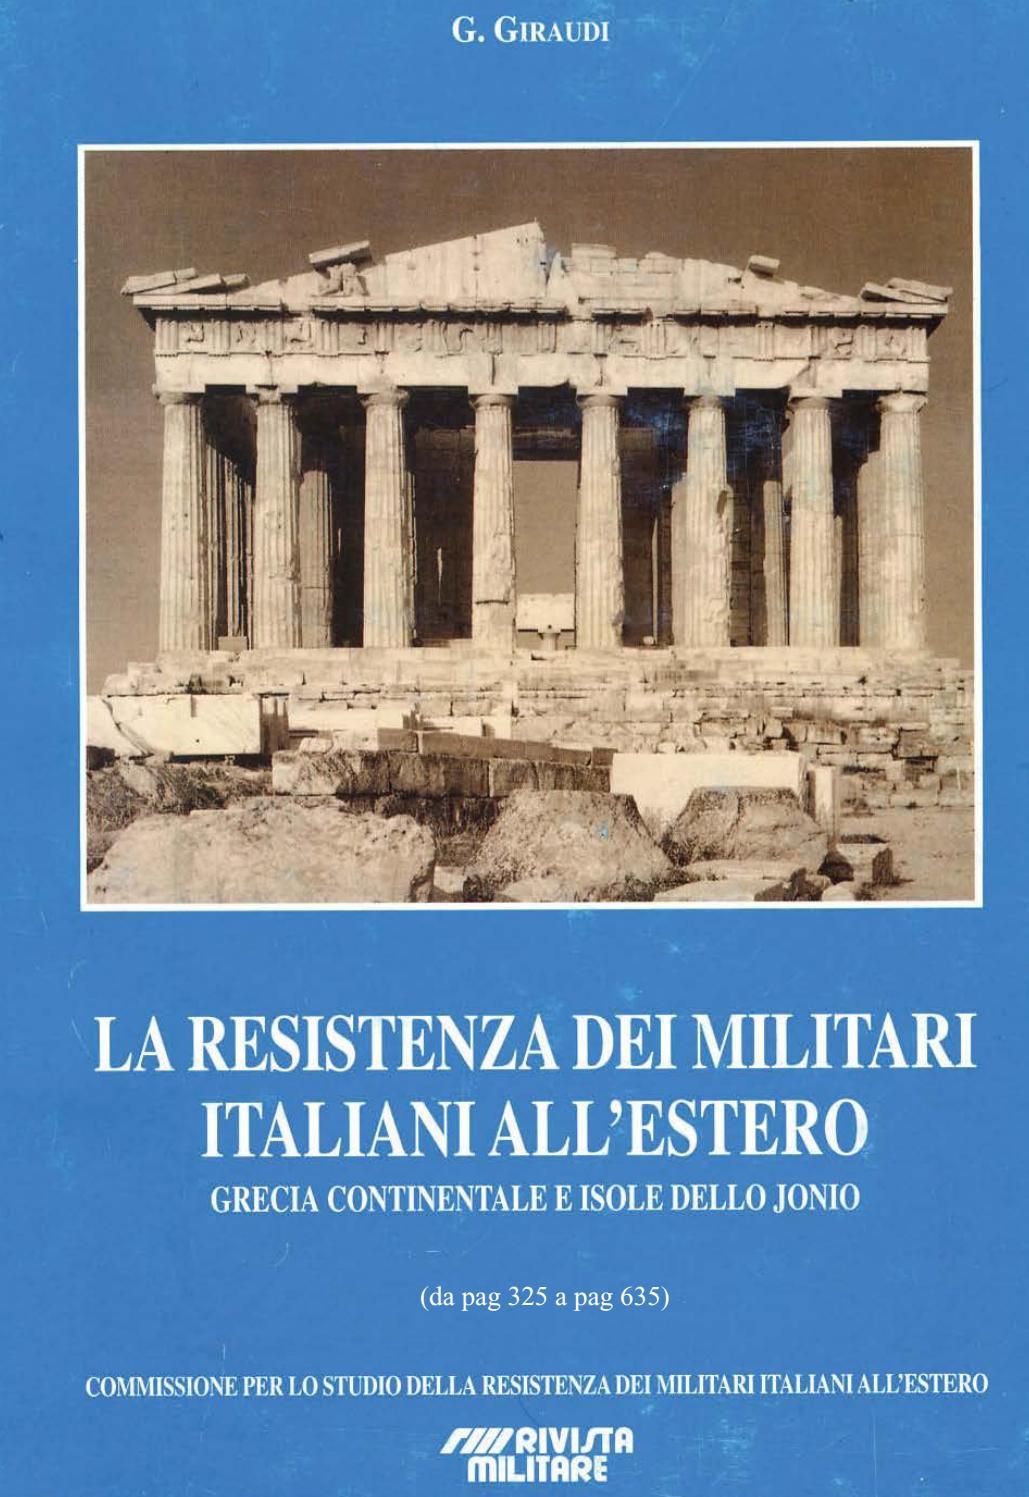 GRECIA CONTINENTALE E ISOLE DELLO IONIO (da pag 325 a pag 635) by  Biblioteca Militare - issuu 4cab55283d91